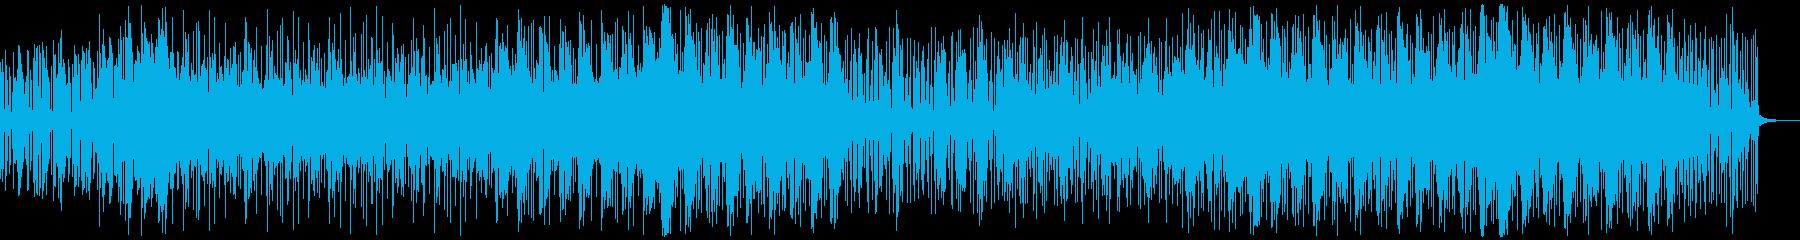 エレキギターが耳に残るディスコサウンドの再生済みの波形